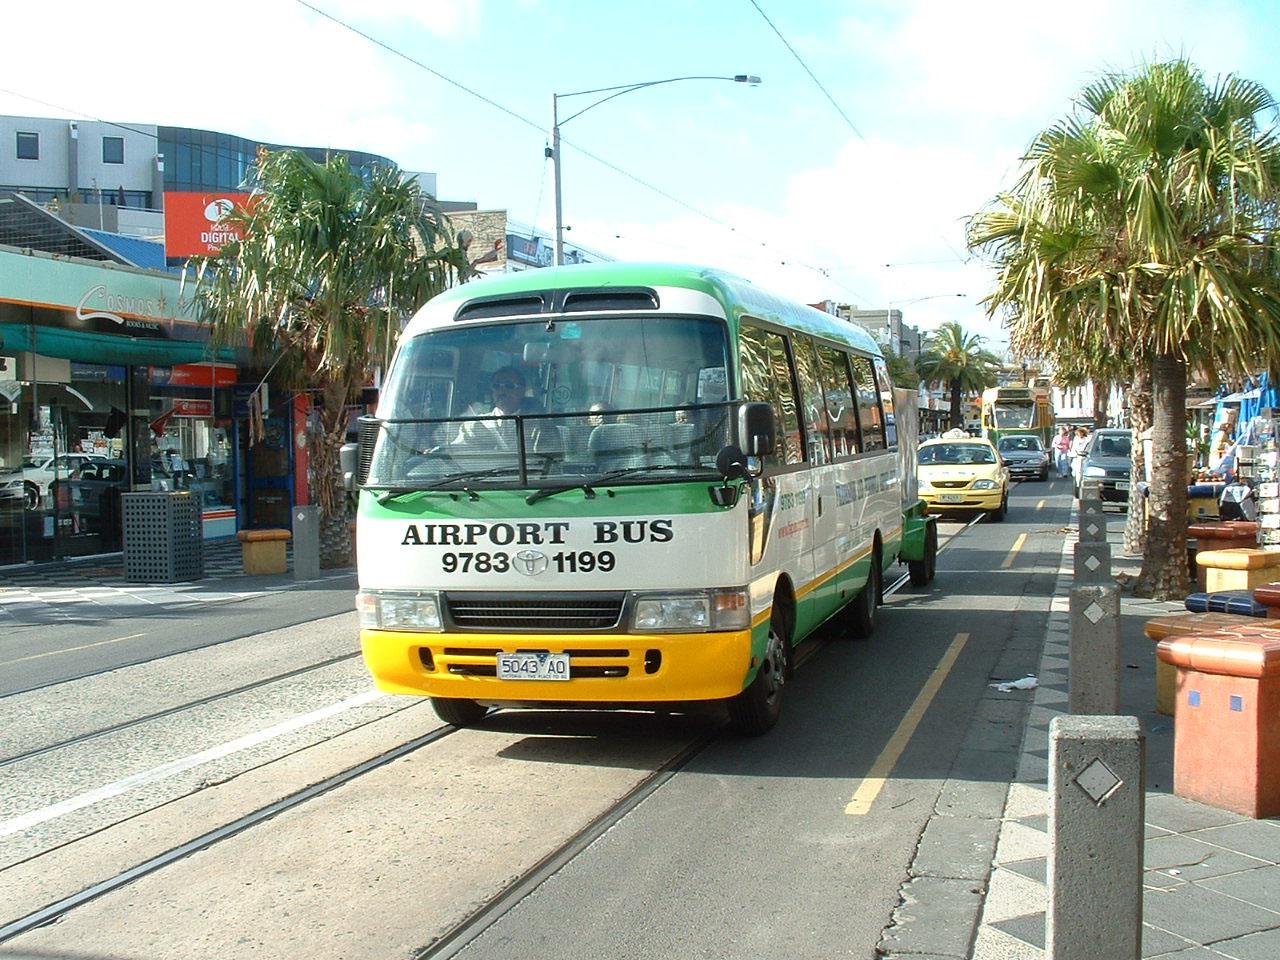 Fapas Airportbus Bus Image Gallery Australia Showbus Com